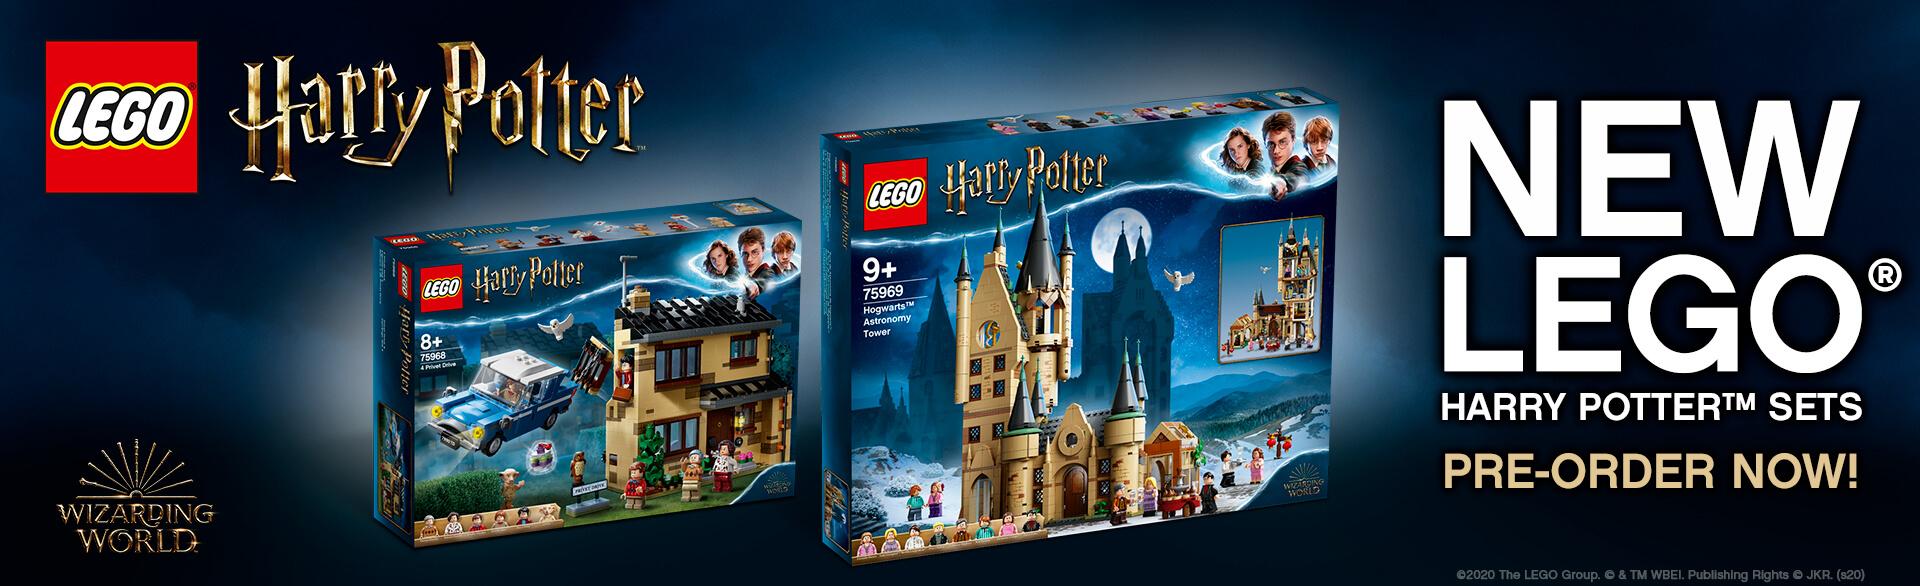 哈利波特系列 乐高LEGO